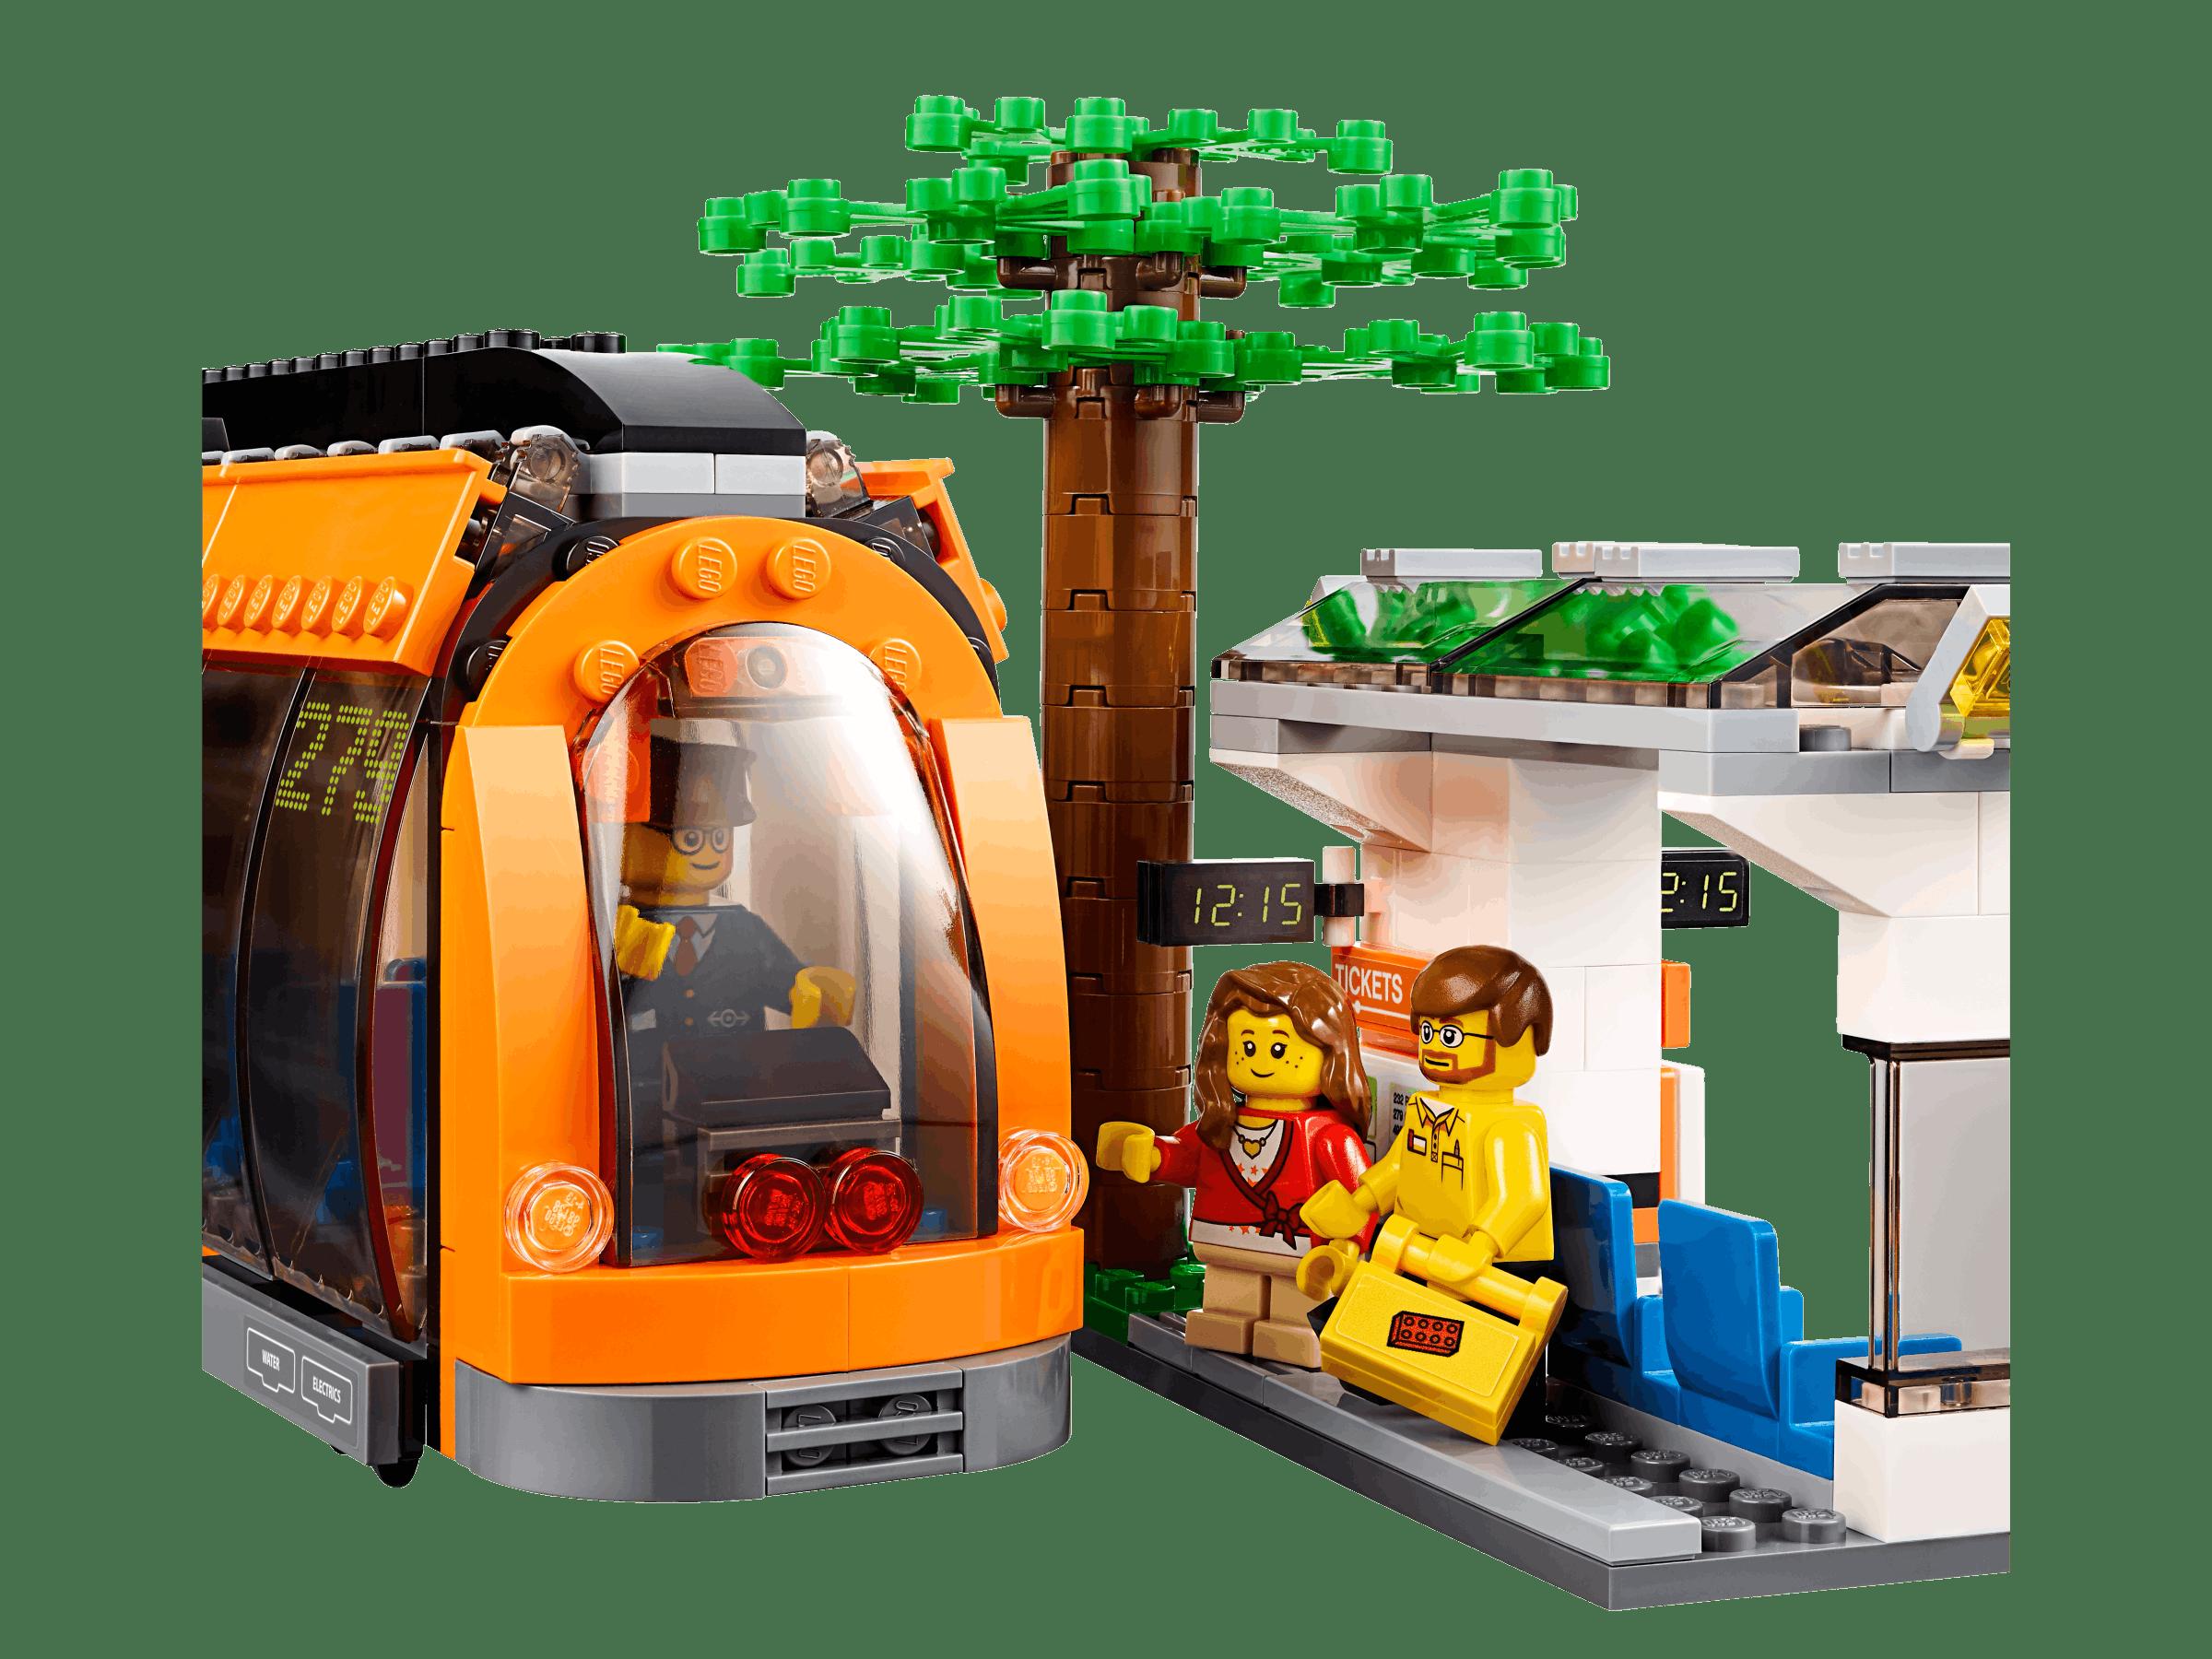 Lego city 60097 le centre ville achat vente - Lego modeles de construction ...